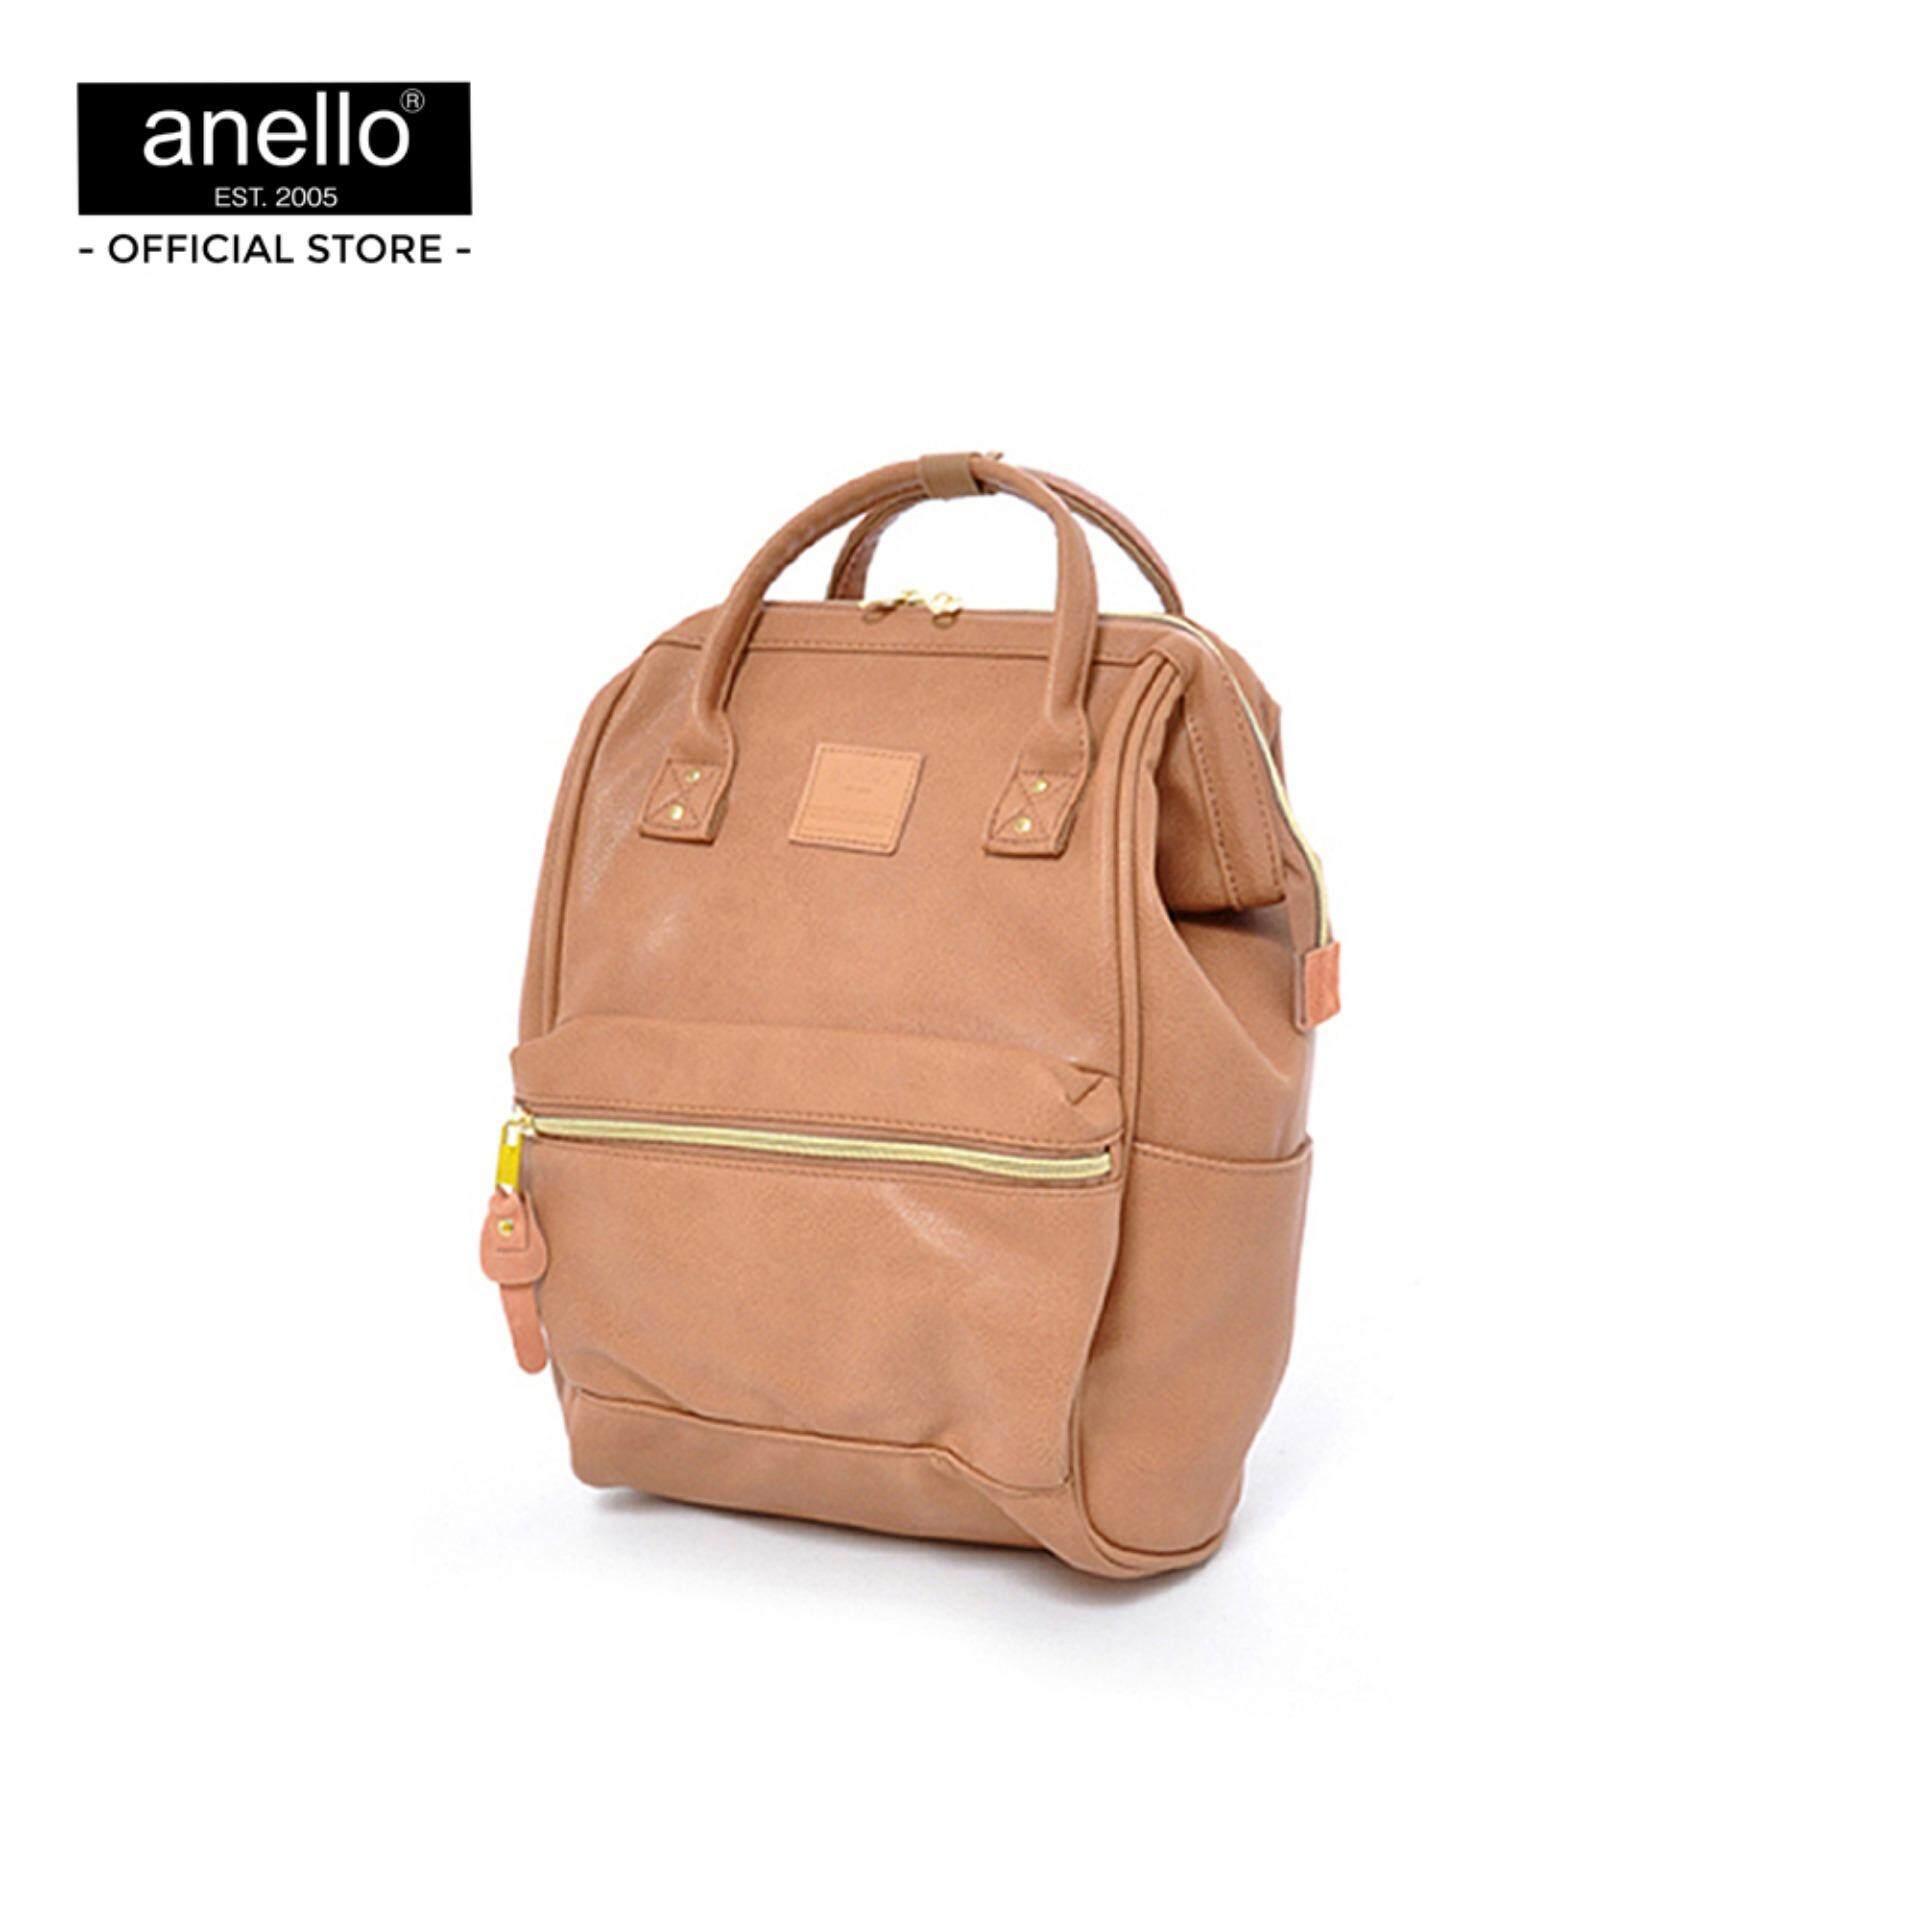 การใช้งาน  ประจวบคีรีขันธ์ anello กระเป๋า เป้ PU Mini Backpack _AT-B1212